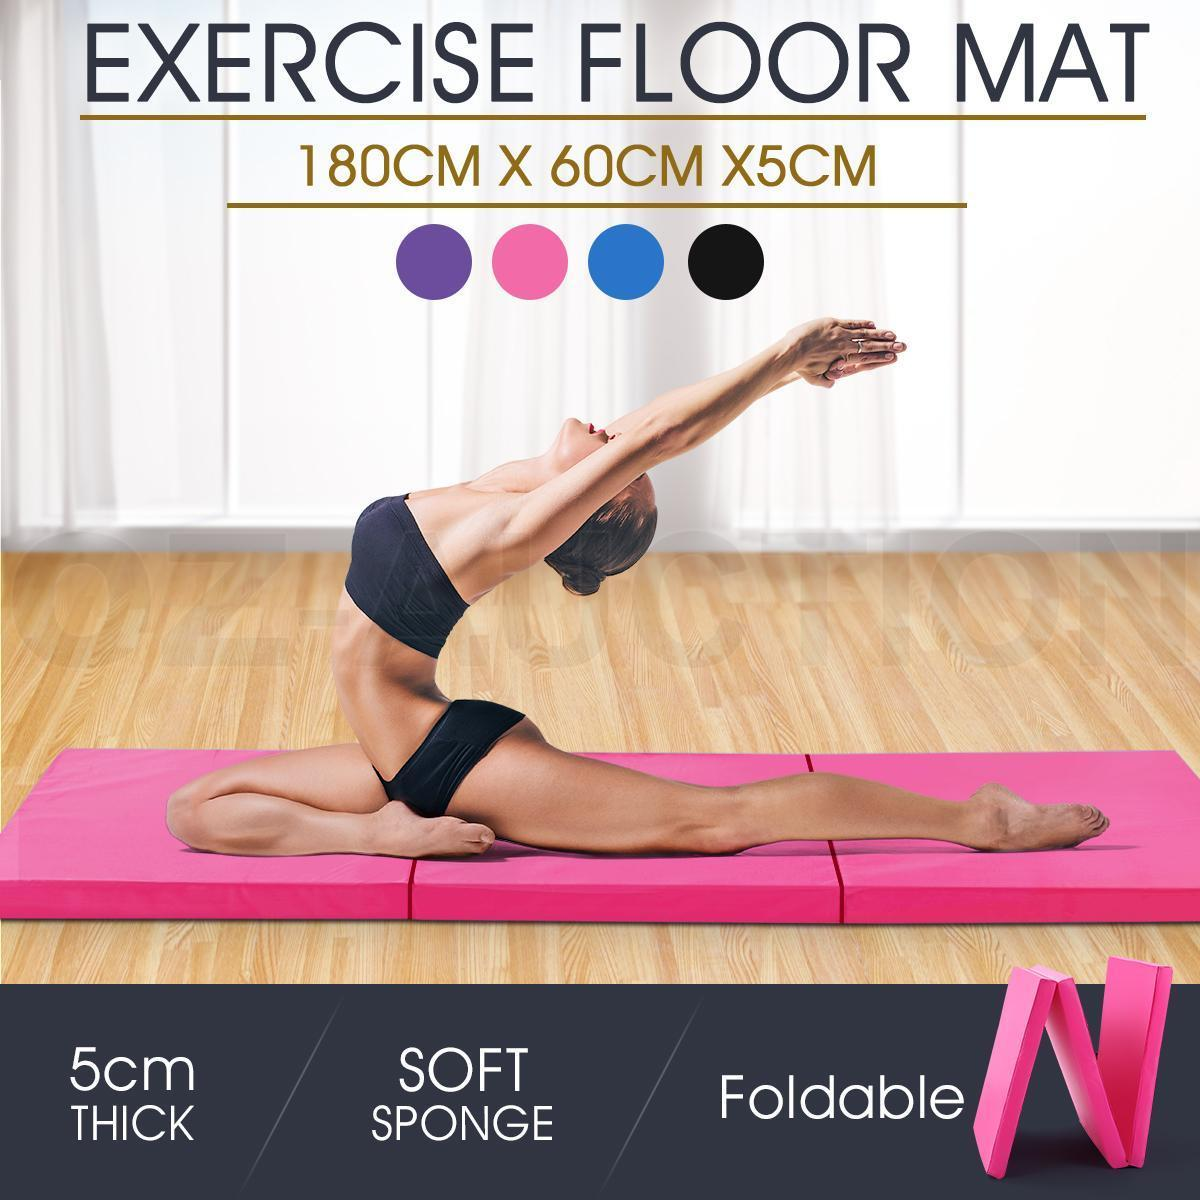 Floor mats online australia - 5cm Tri Fold Exercise Yoga Mat